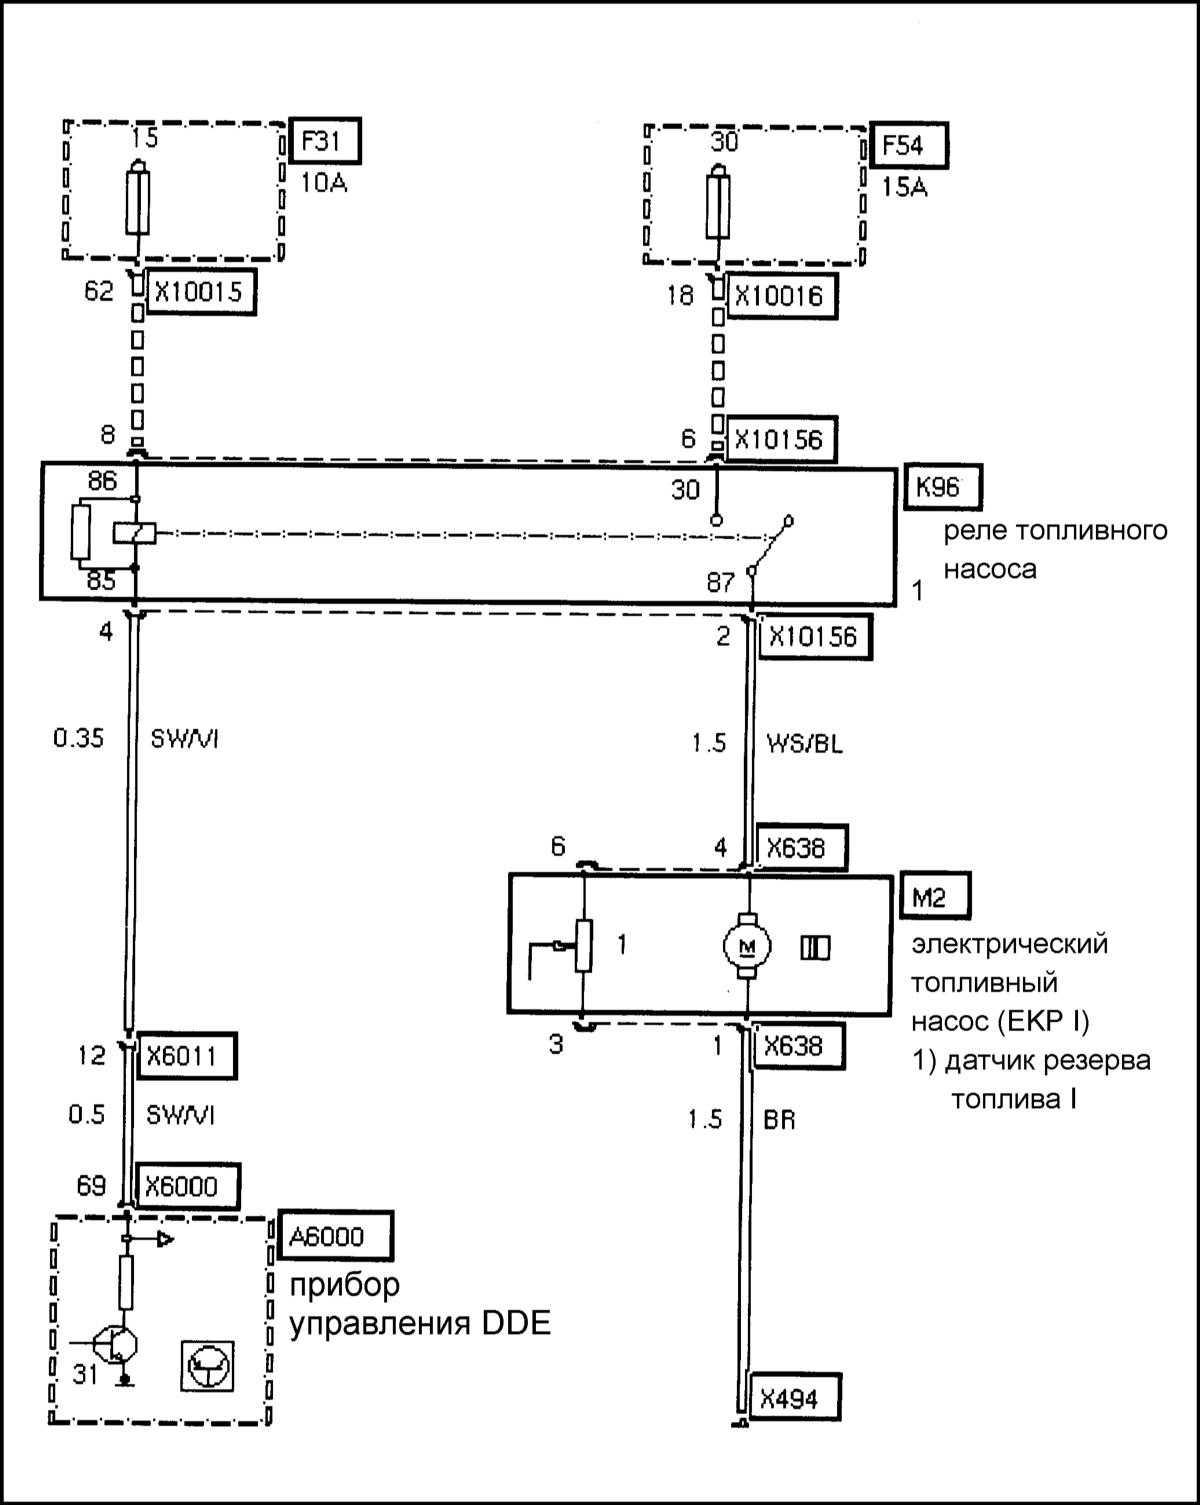 Топливная схема бмв е39